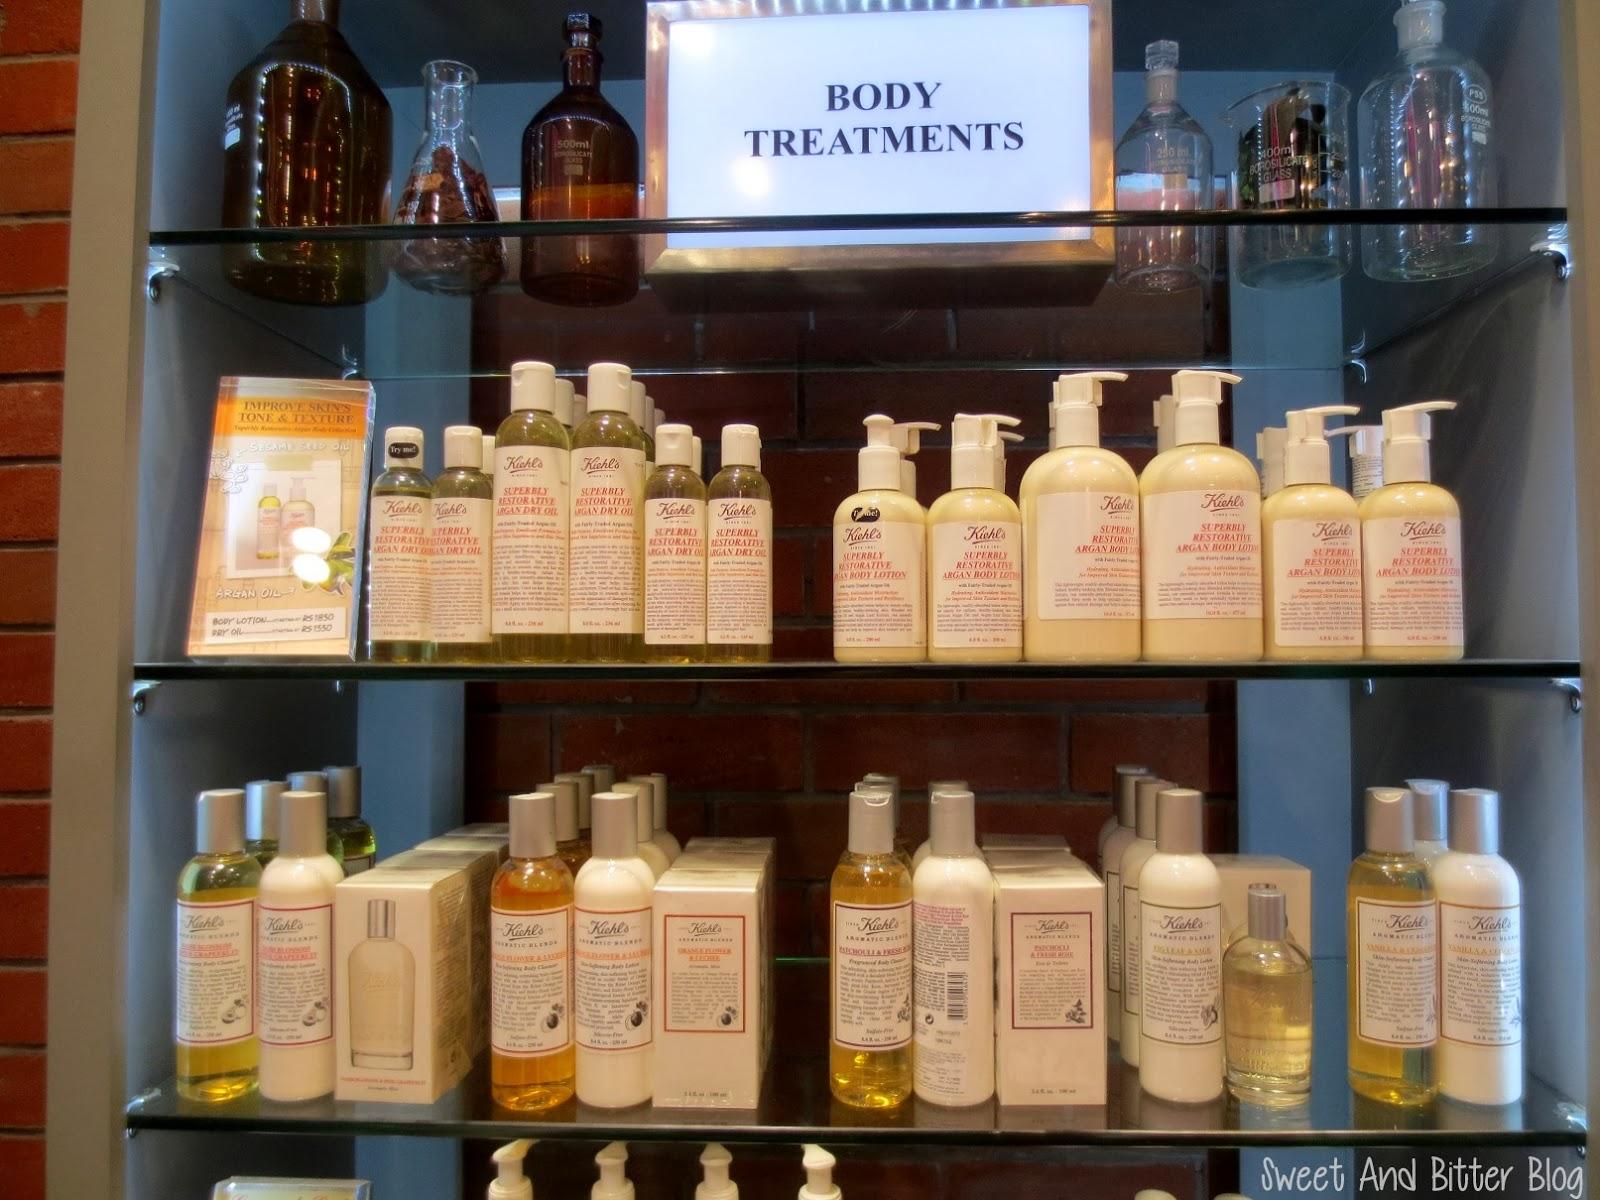 Kiehl's Body Treatments